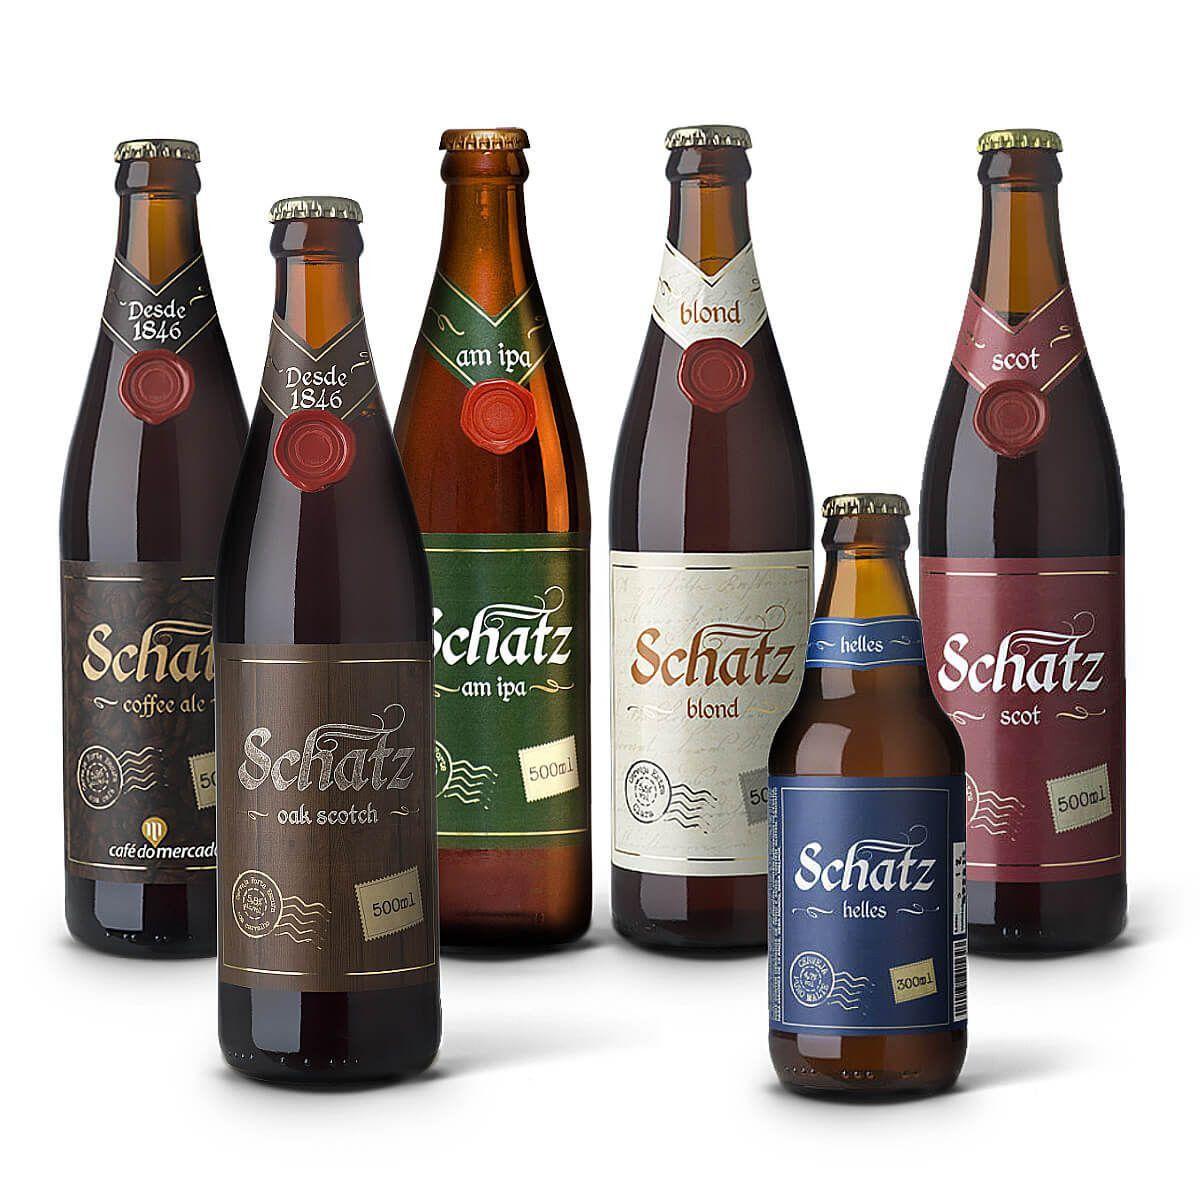 Kit degustação Schatz 6 cervejas